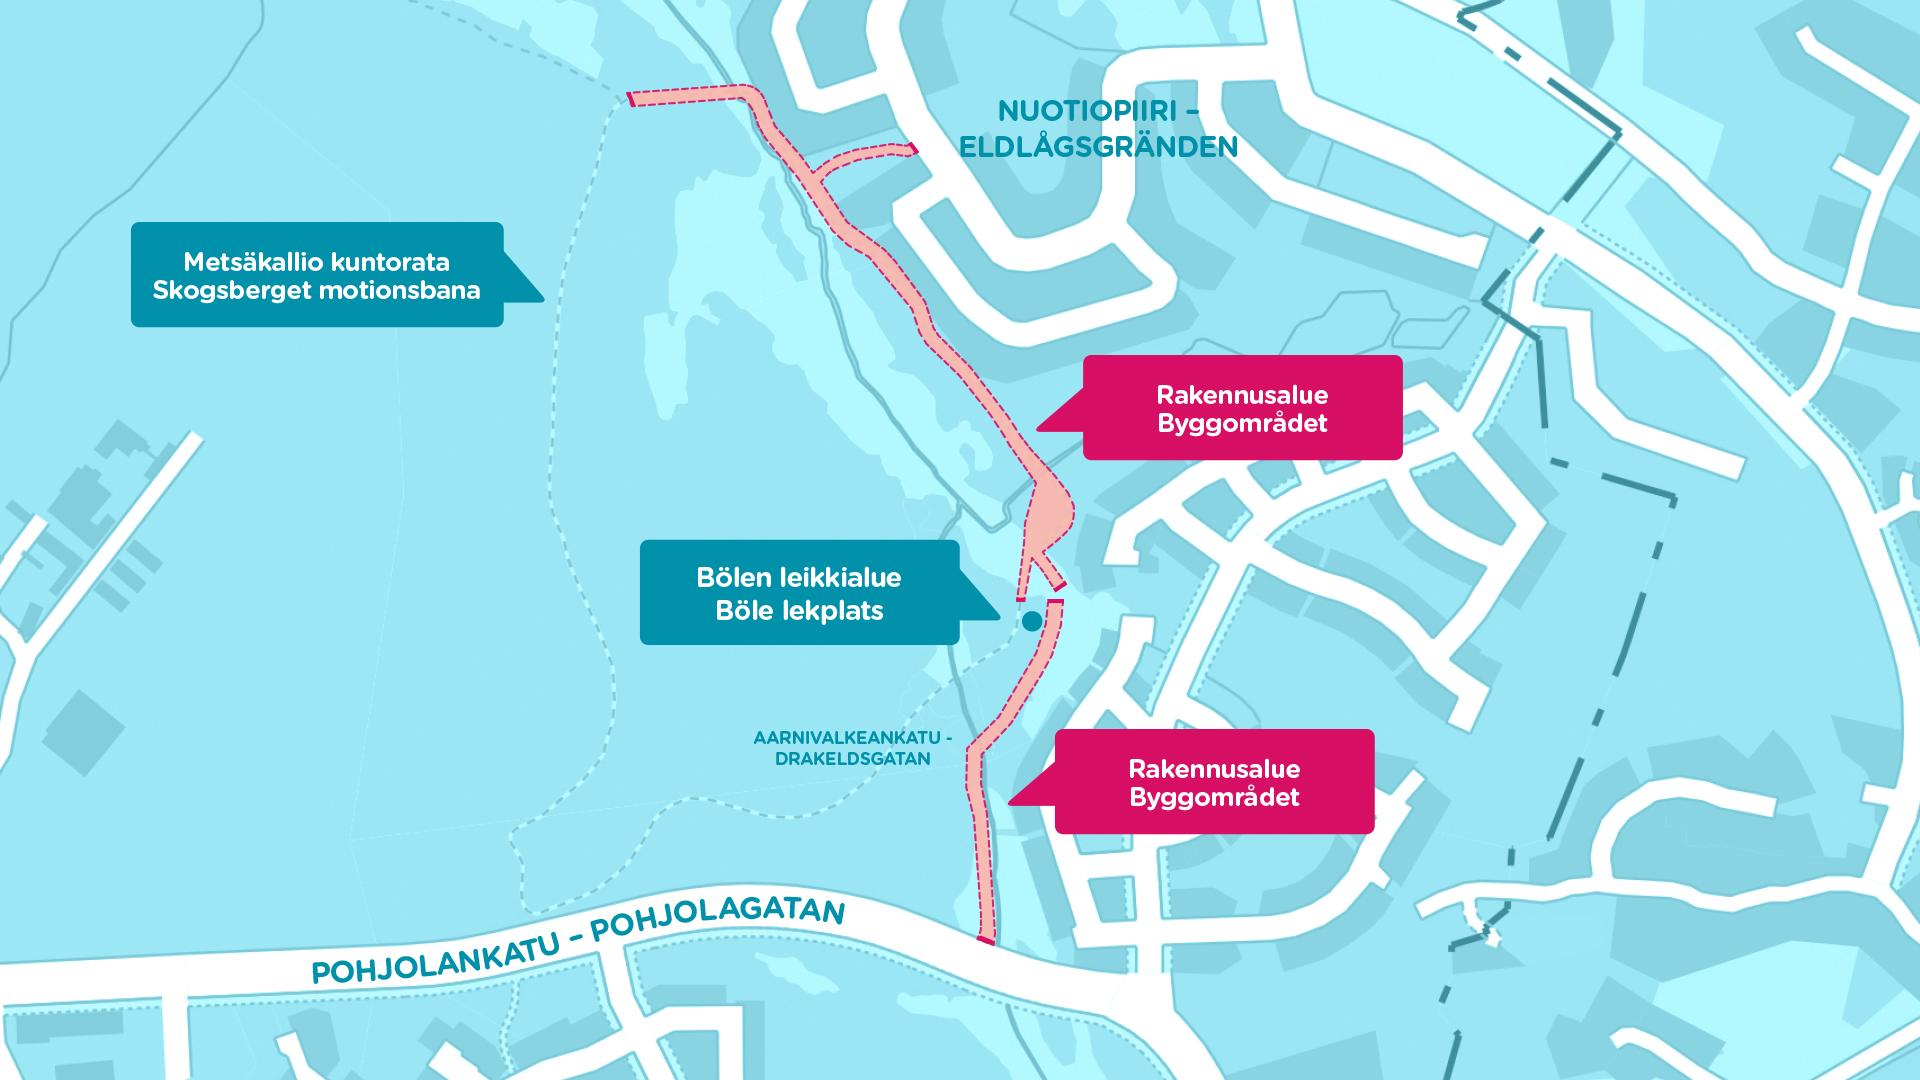 Kartta tietyömaan sijainnista Metsäkalliossa ja Länsiniityssä.